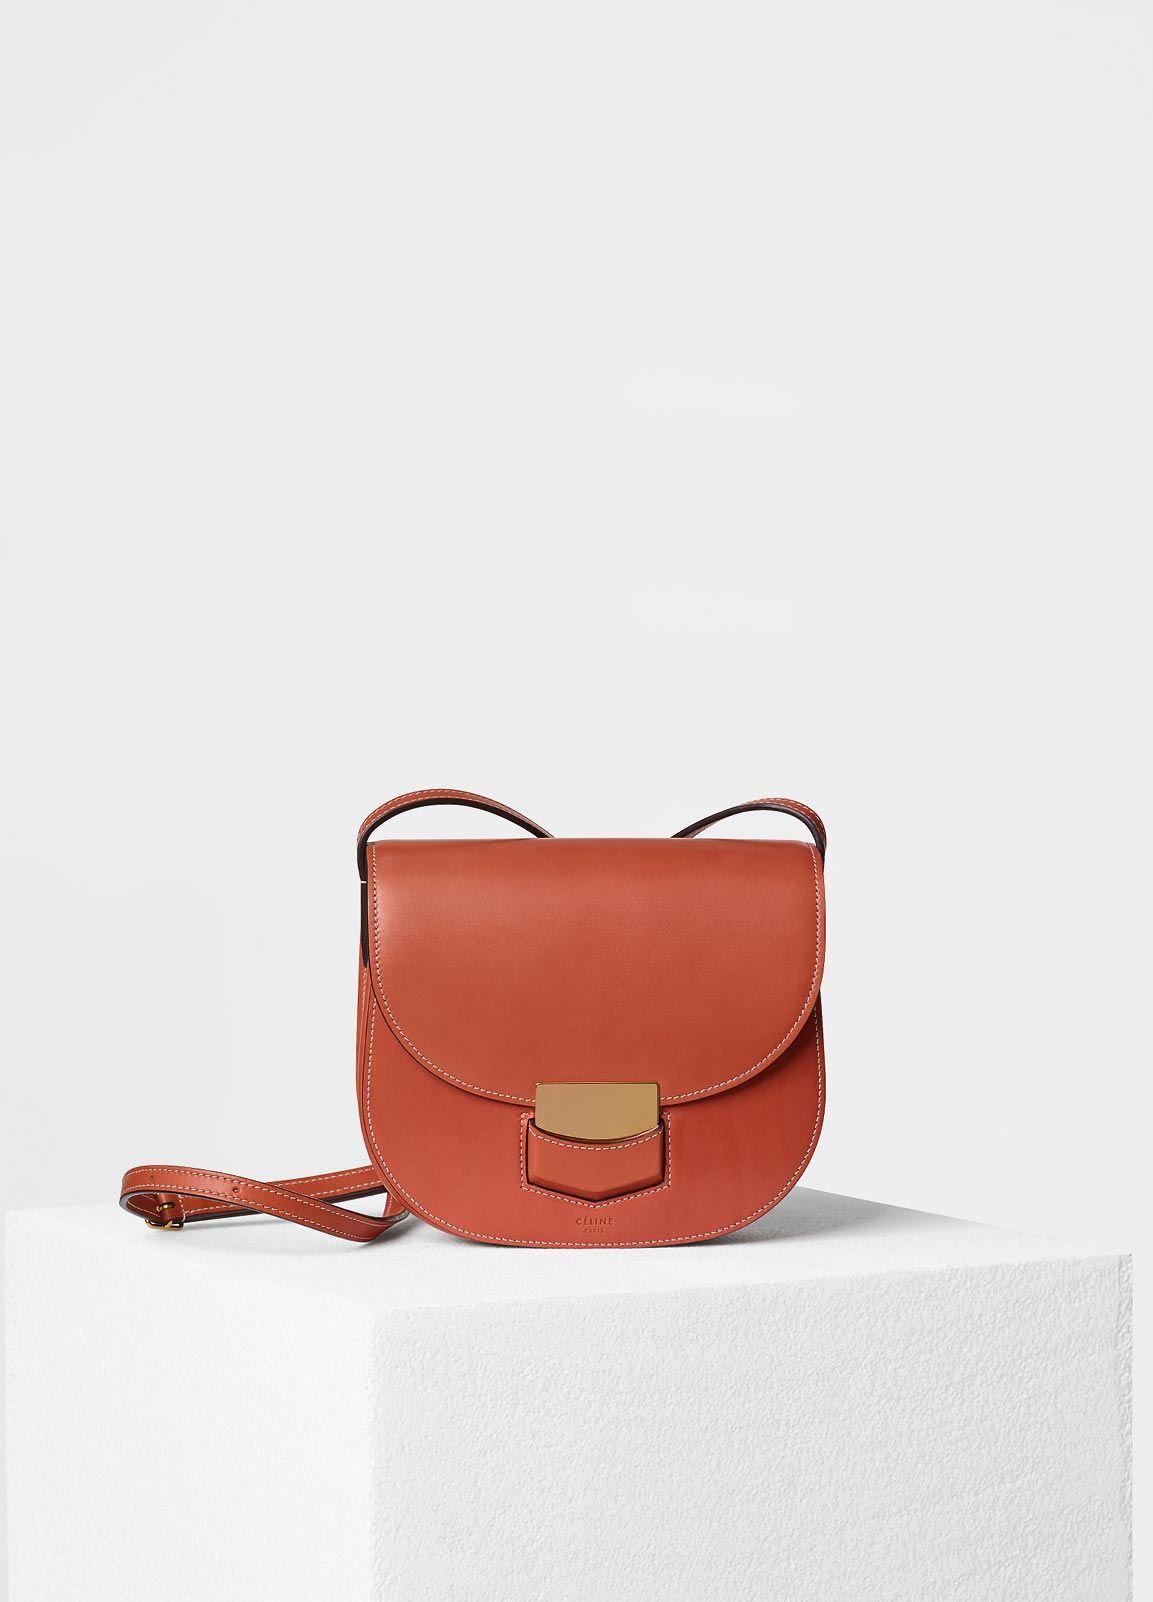 389ef18c2bbf1 Celine Small Trotteur Shoulder Bag